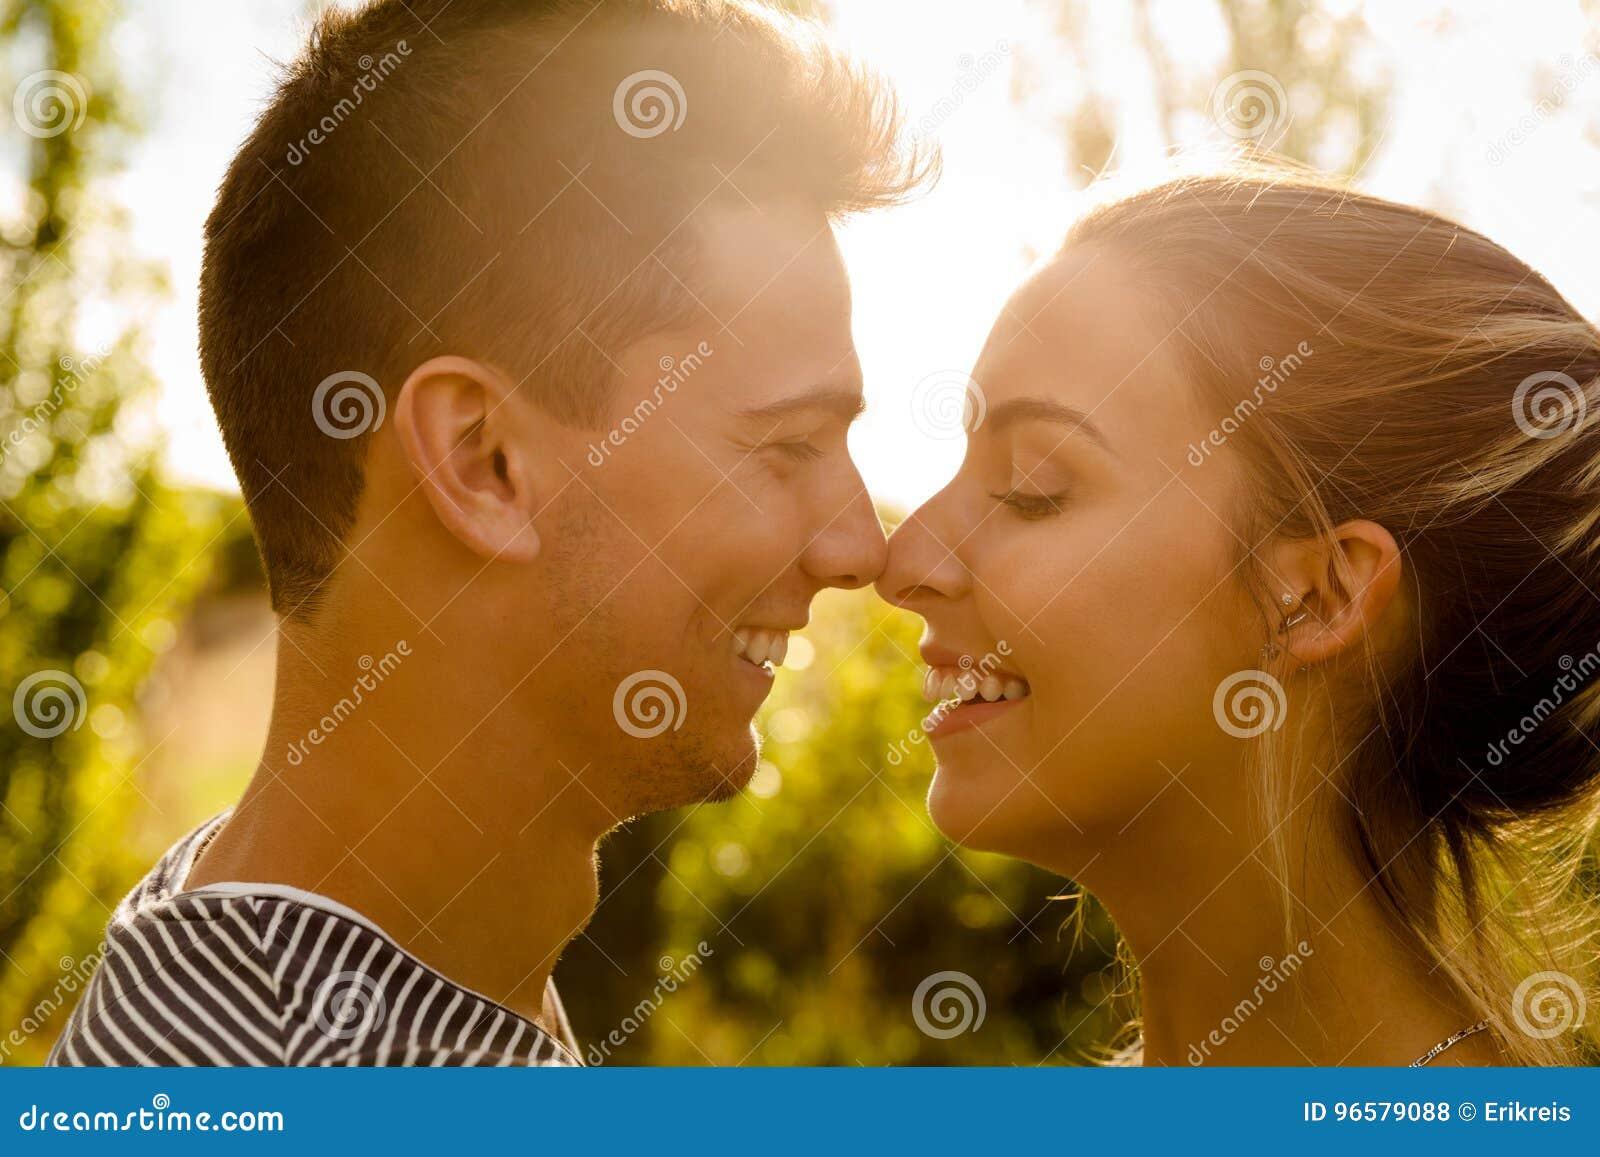 Perfekter Moment Für Einen Kuss Stockfoto Bild Von Leute Umarmung